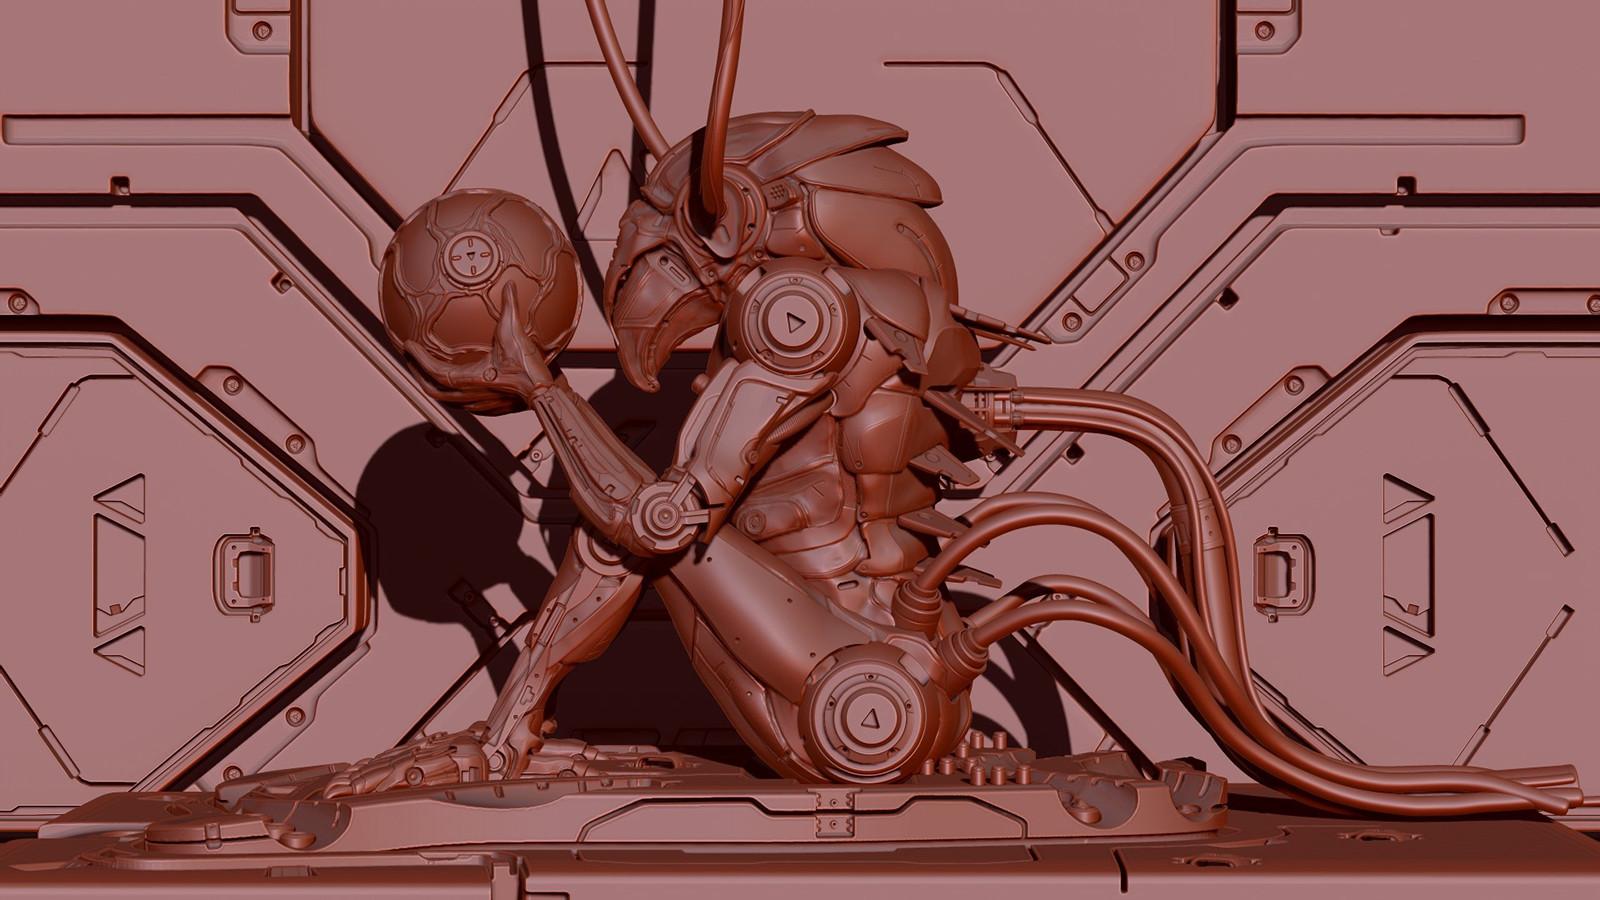 Chozo Metroid Zbrush Final